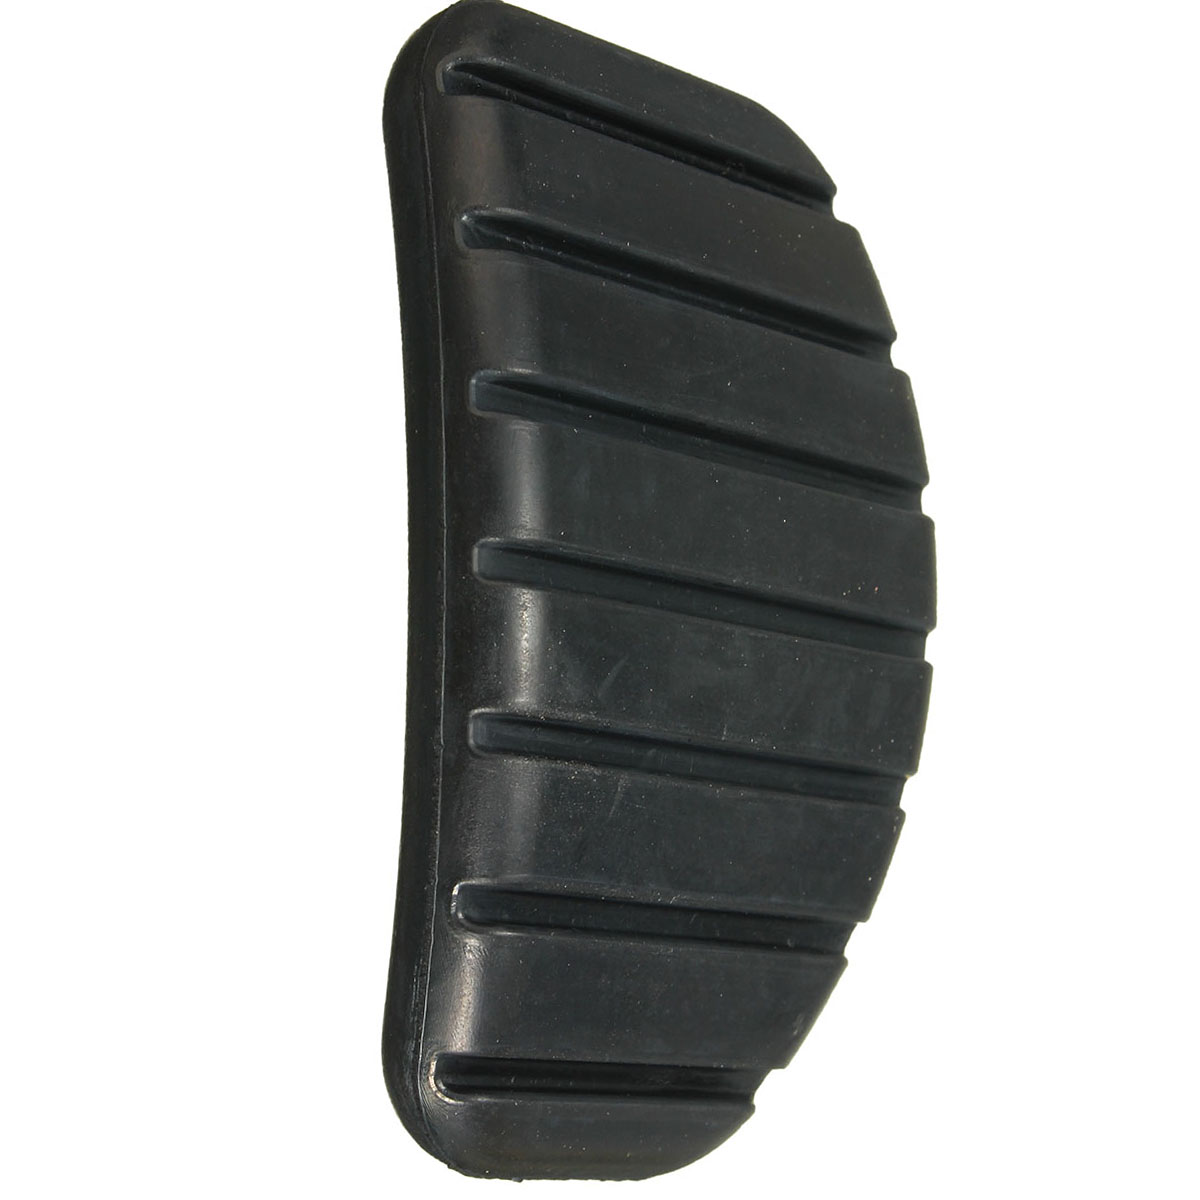 Cache P/édale de frein et embrayage en caoutchouc pour Renault Megane Laguna Clio Kango Scenic CCY Noir